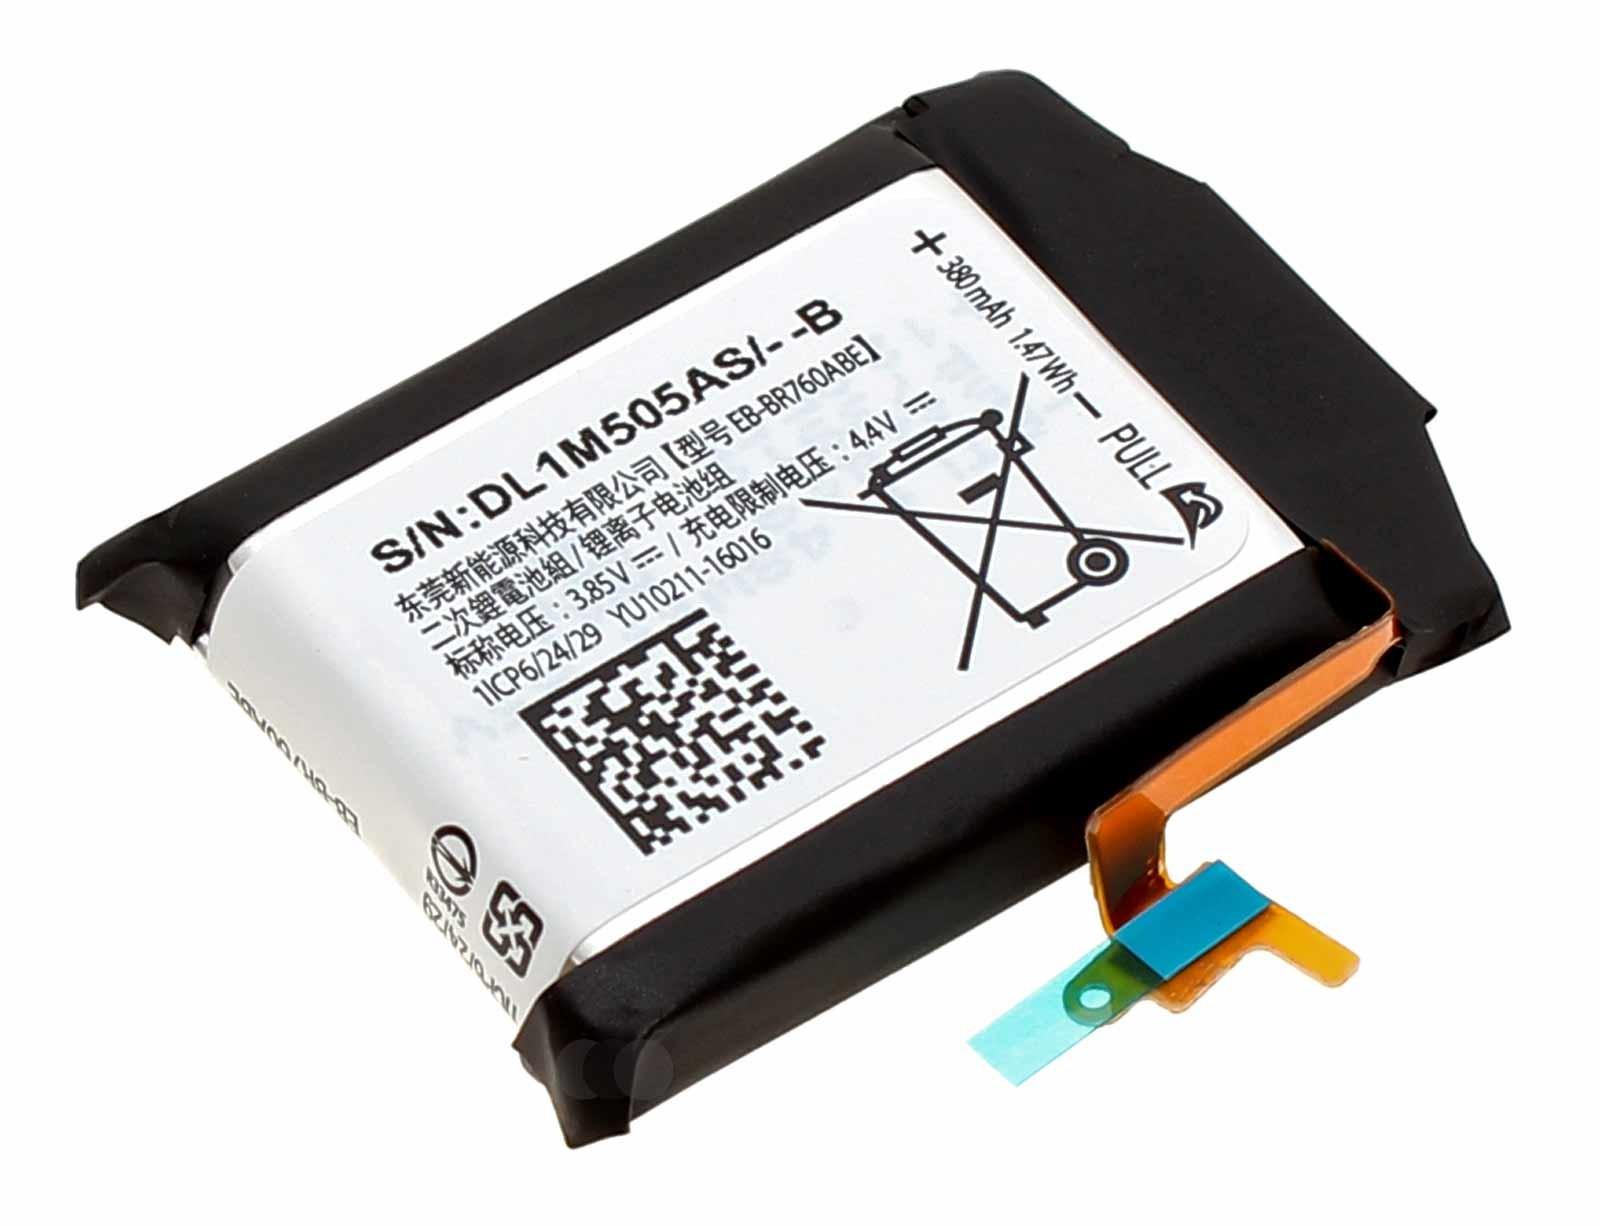 Akku für Samsung Gear S3 Frontier SM-R760 Gear S3 Classic SM-R770, EB-BR760ABE, GH43-04699A, 3,85V, 380mAh